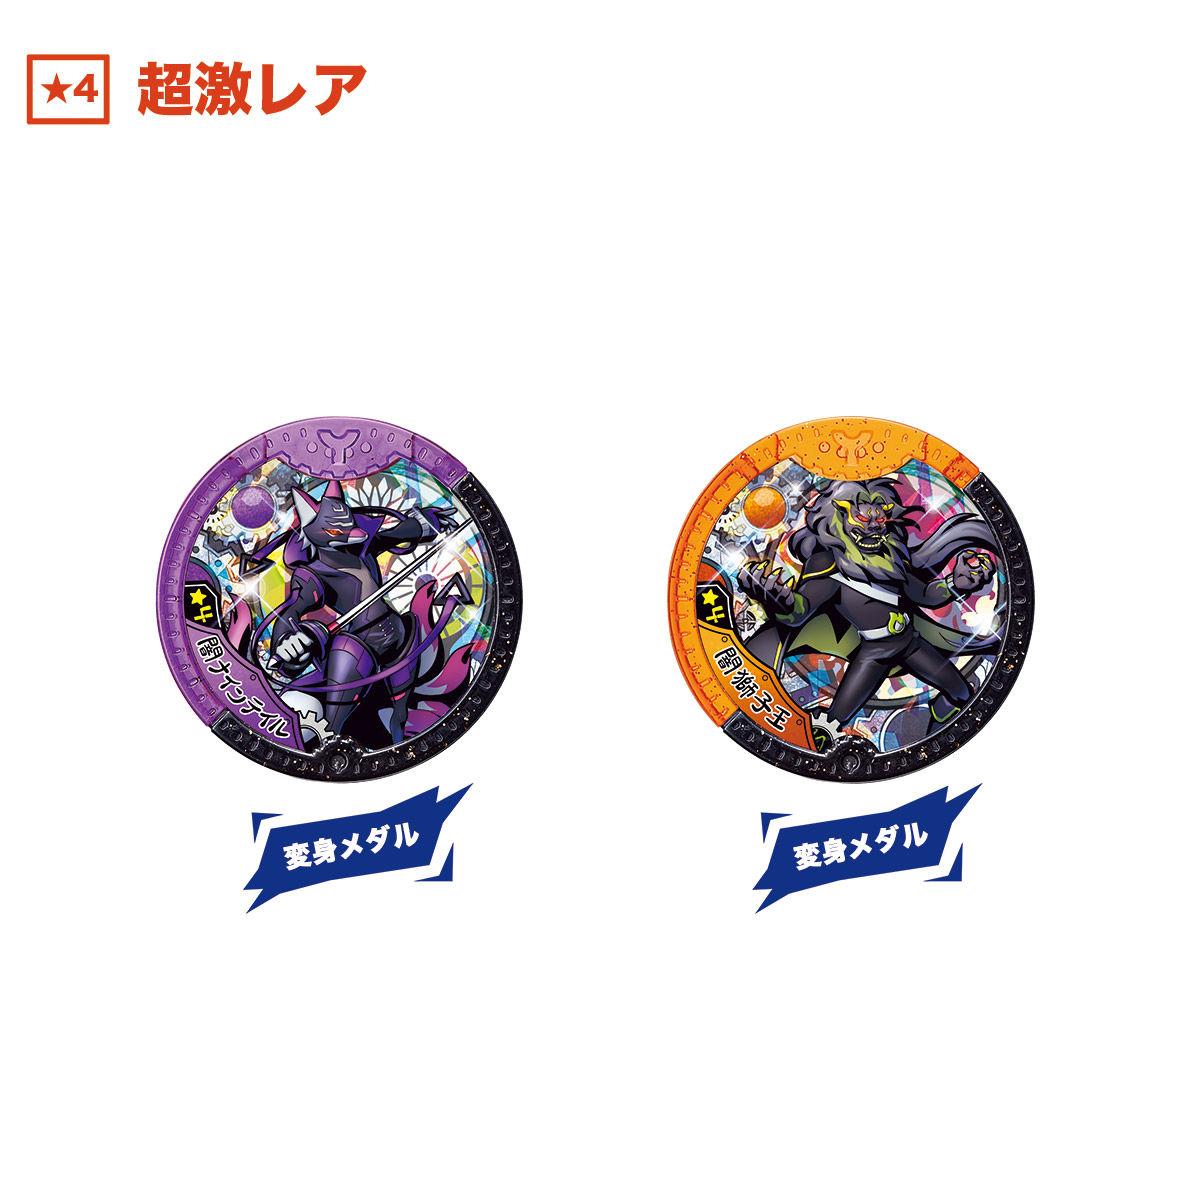 妖怪Yメダル EX01 ゲームとワイワイ超連動!